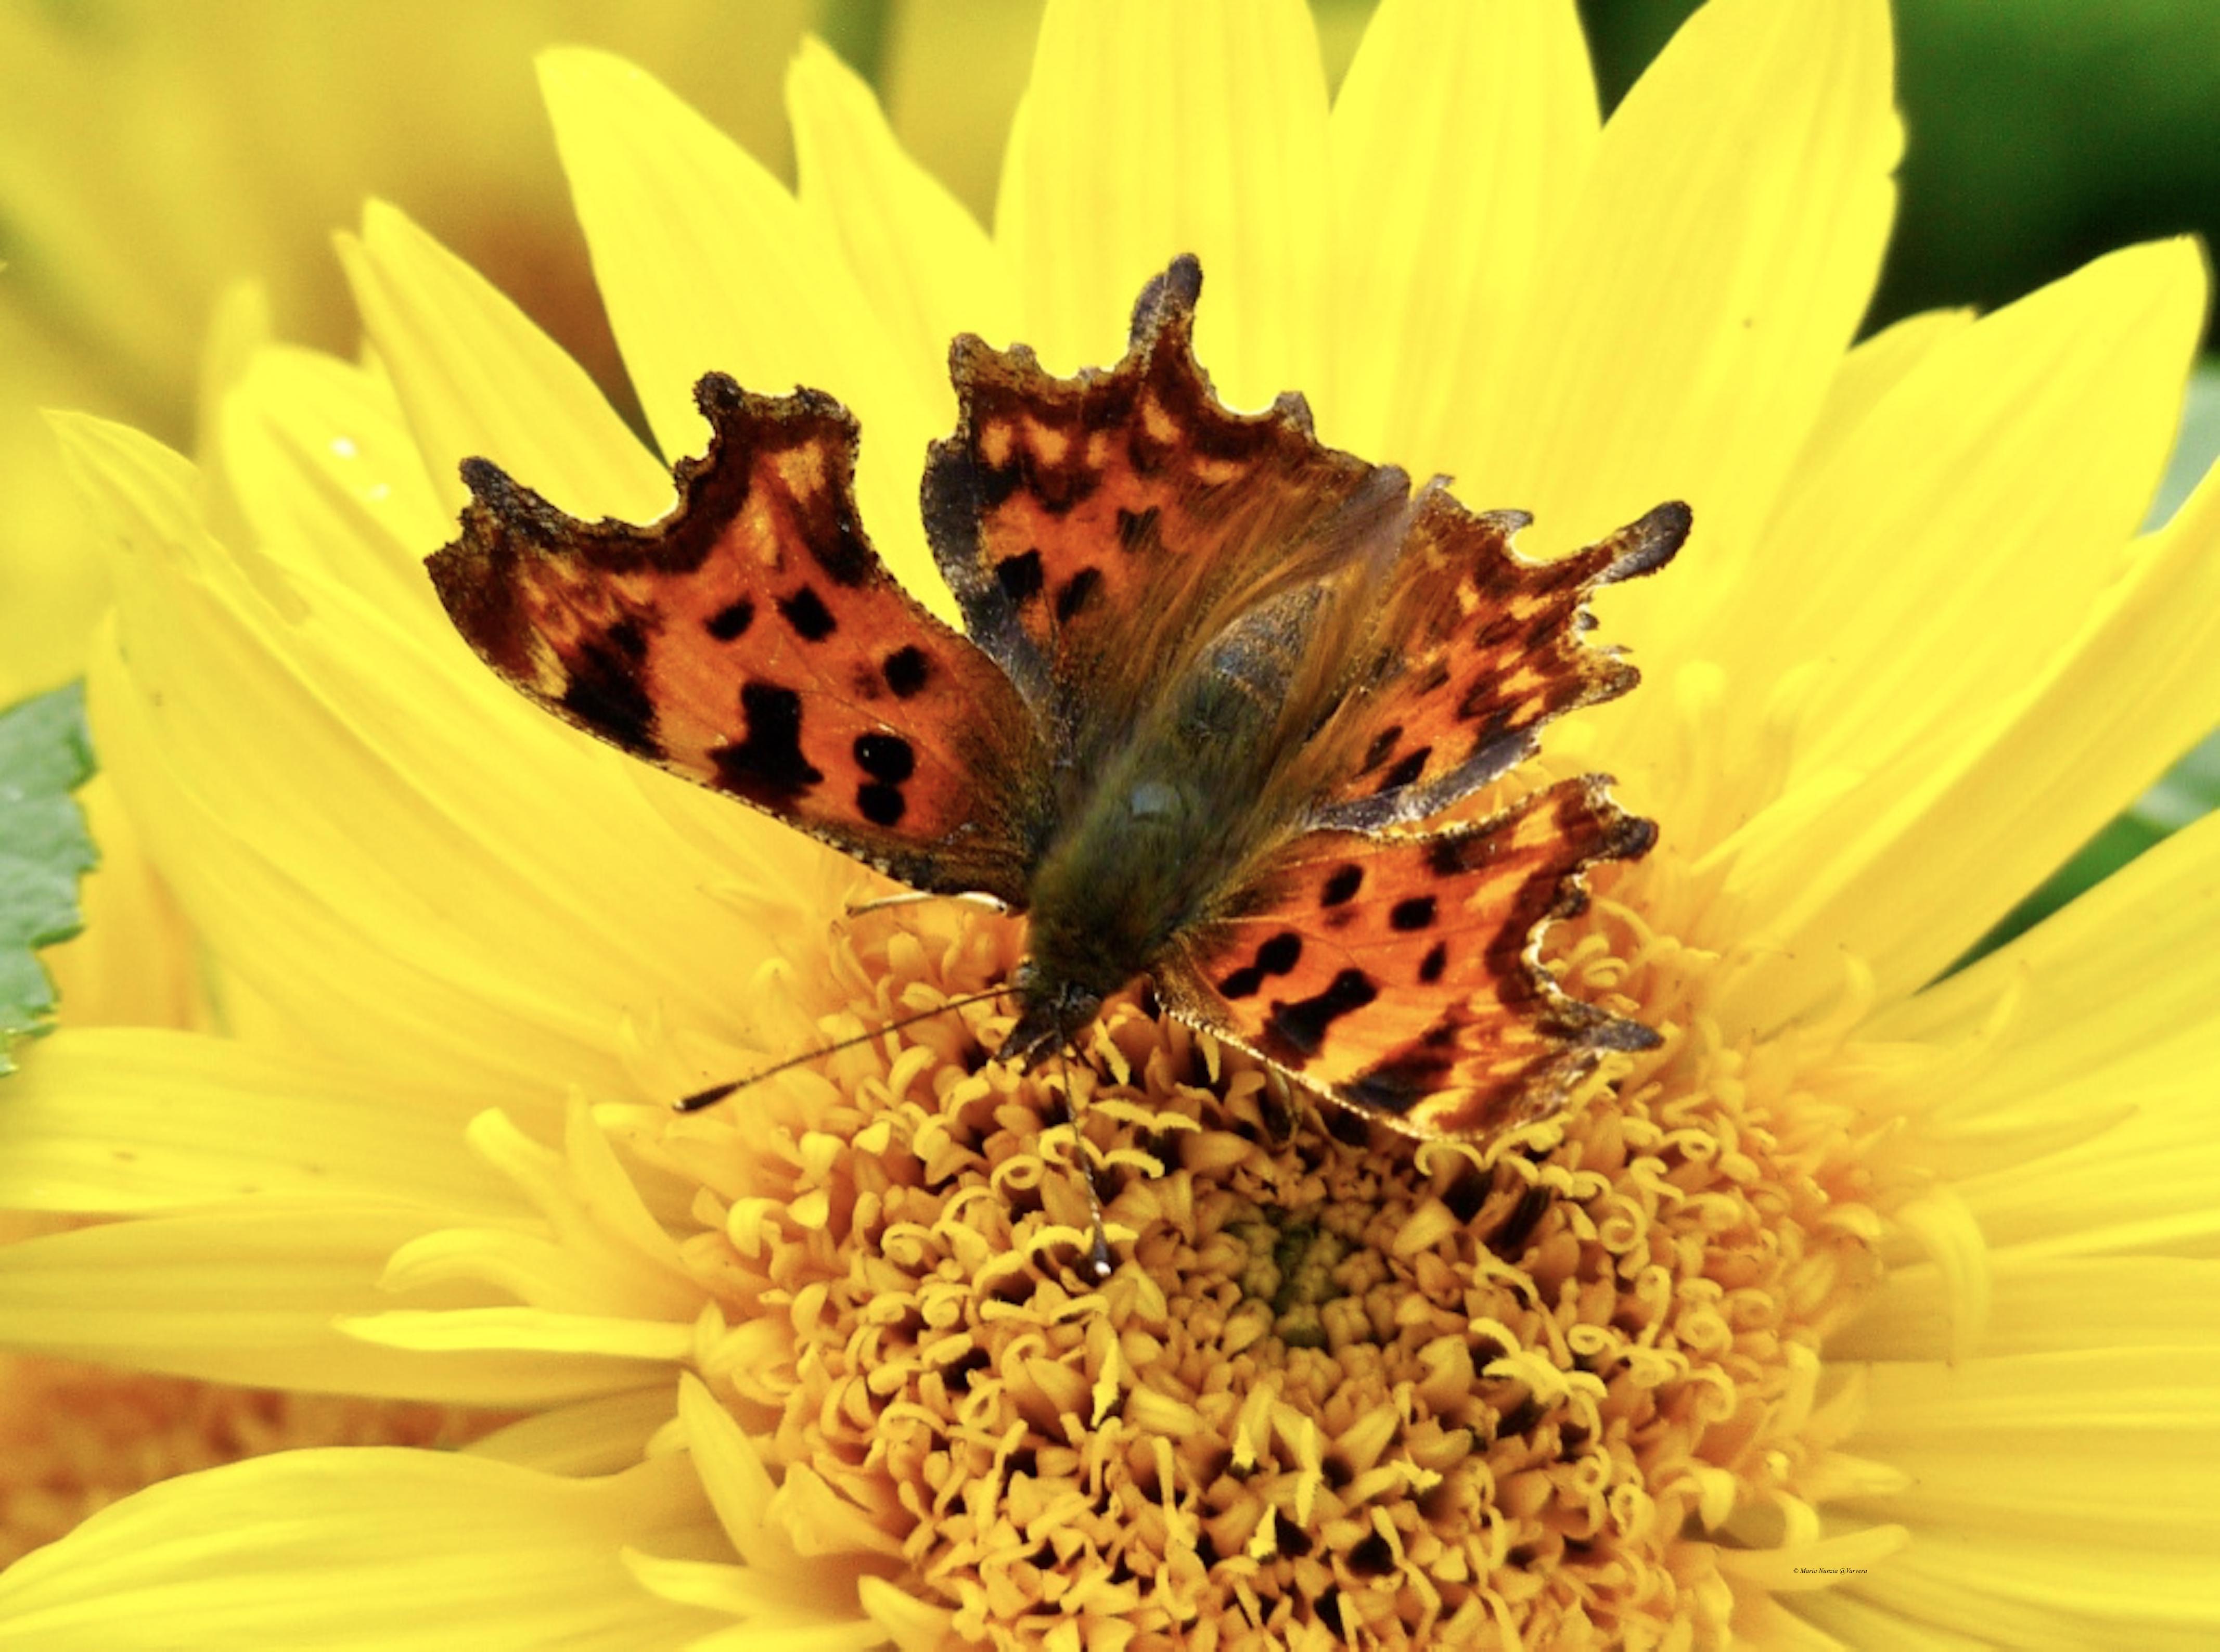 _Comma_butterfly_©_Maria_Nunzia__Varvera_P1250070_1024